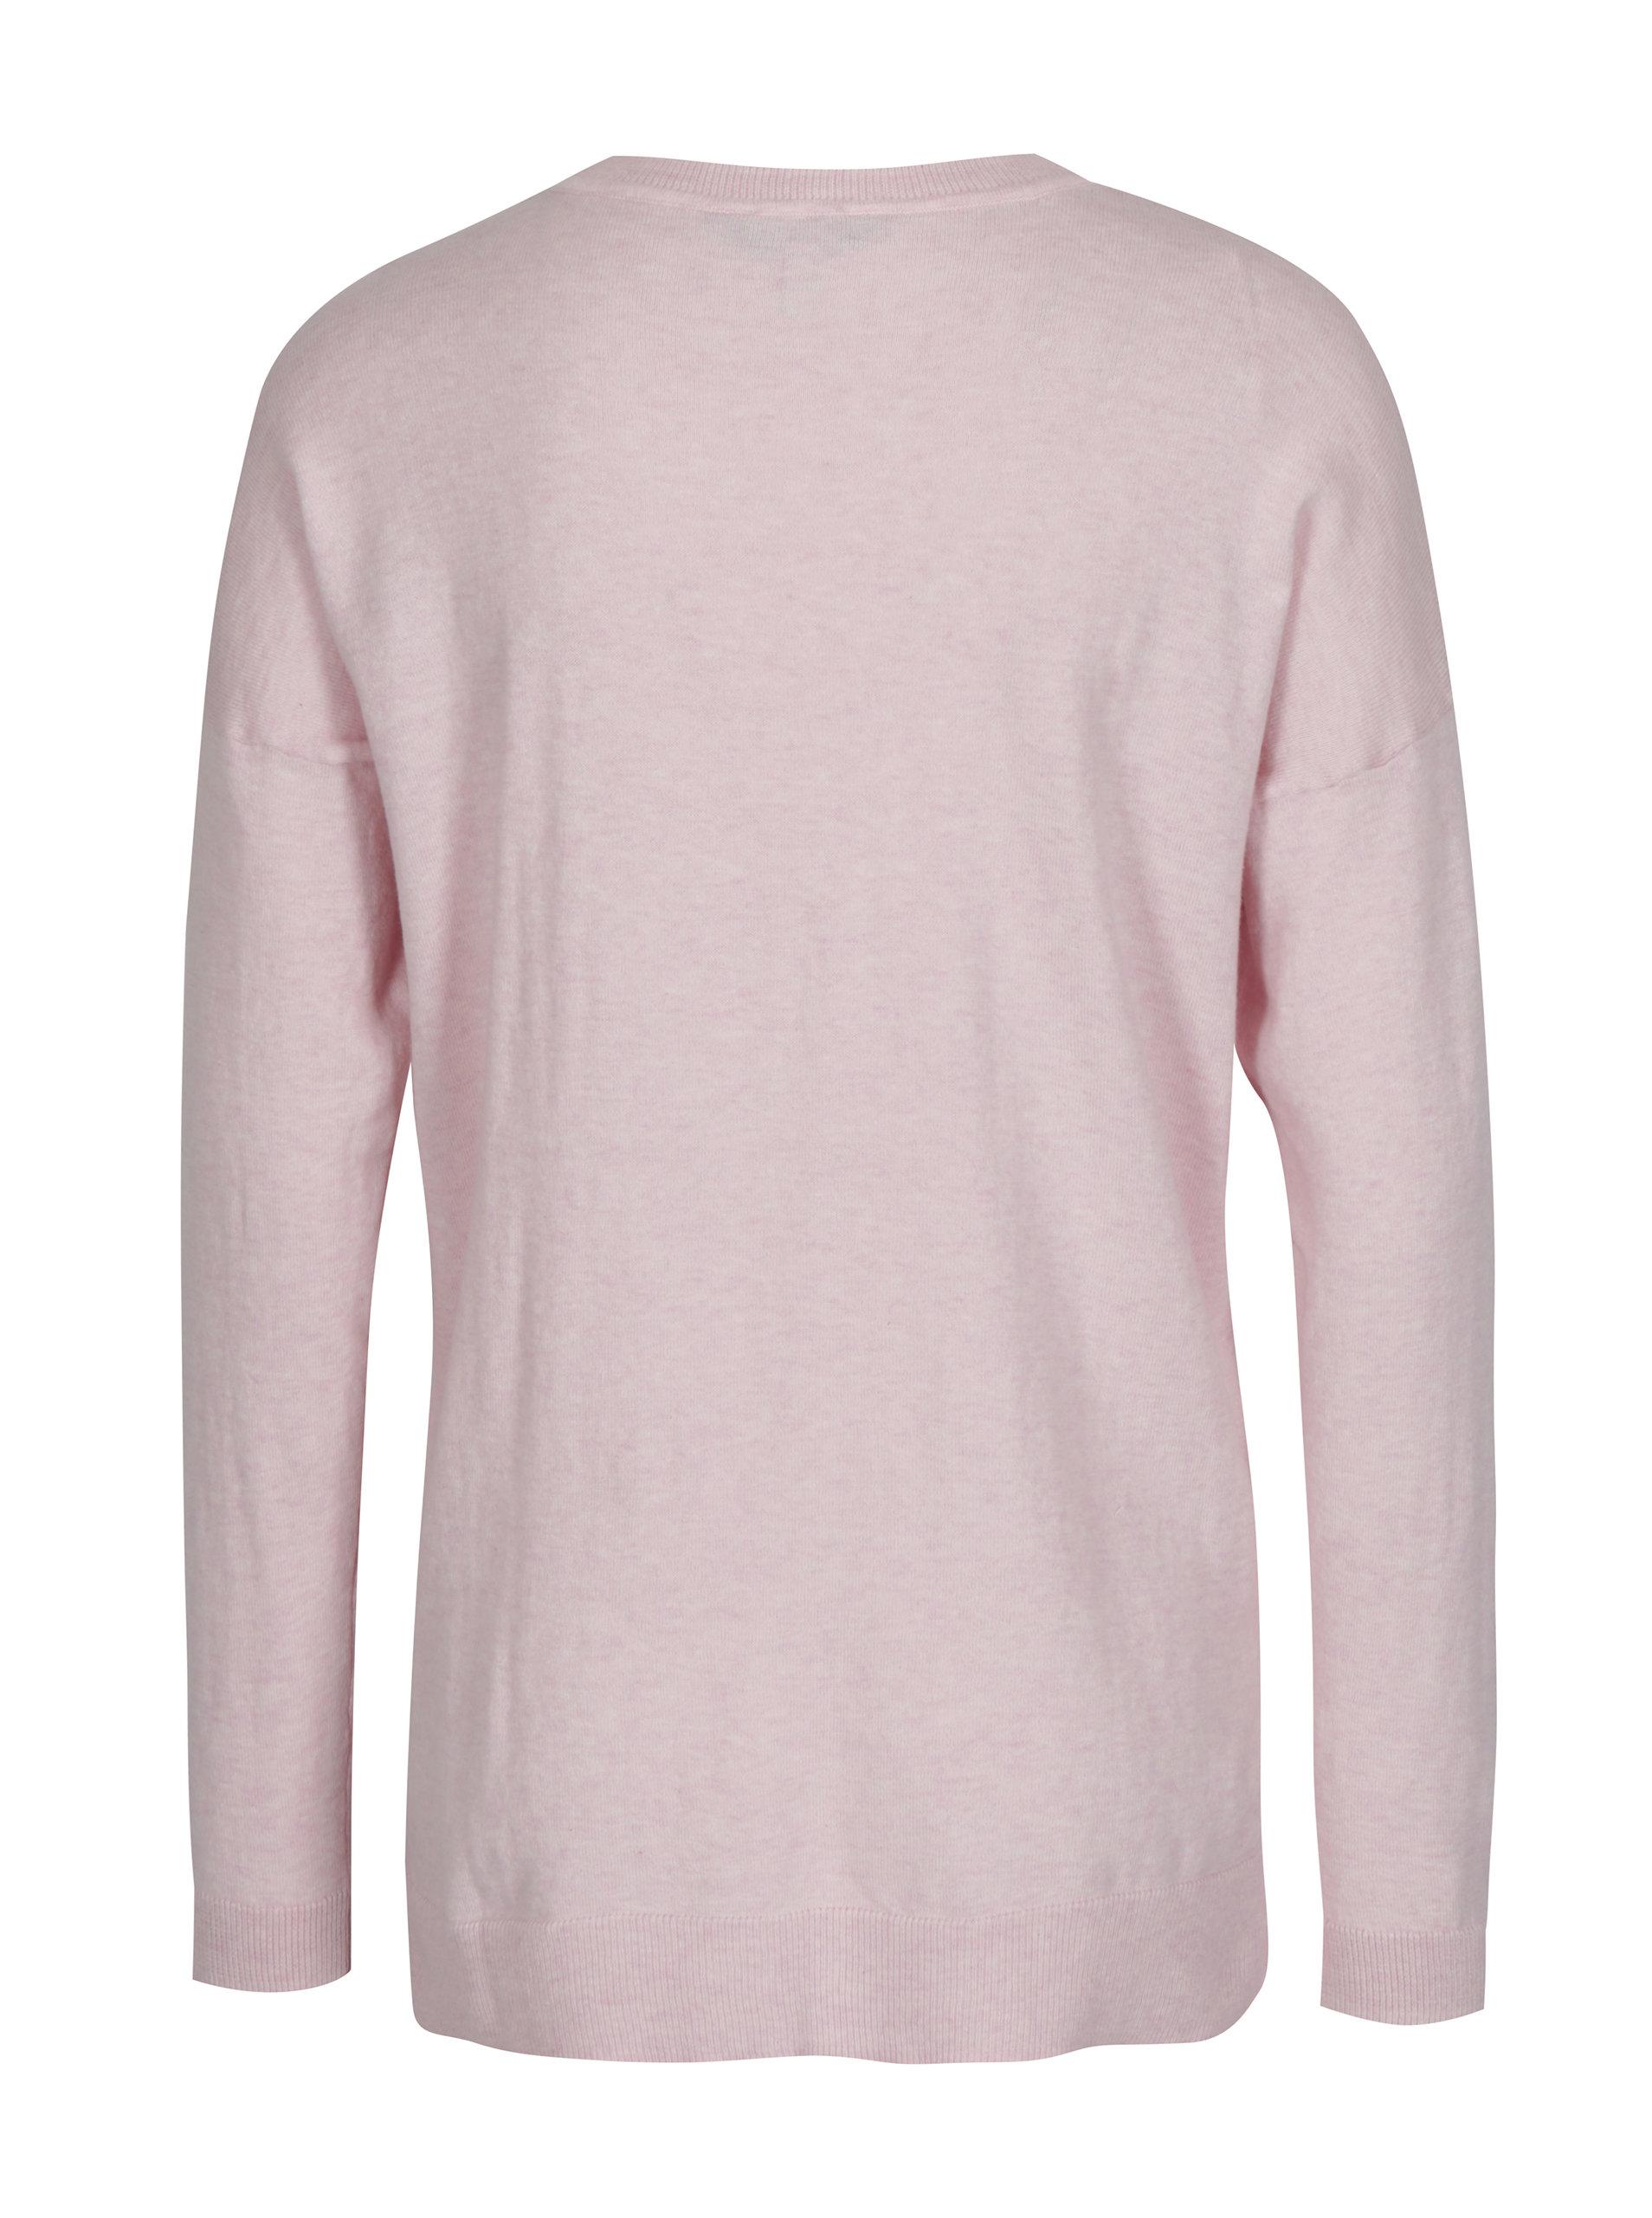 b6fa3732219c Svetloružový dámsky sveter s rozparkom na boku Tom Joule Sally ...